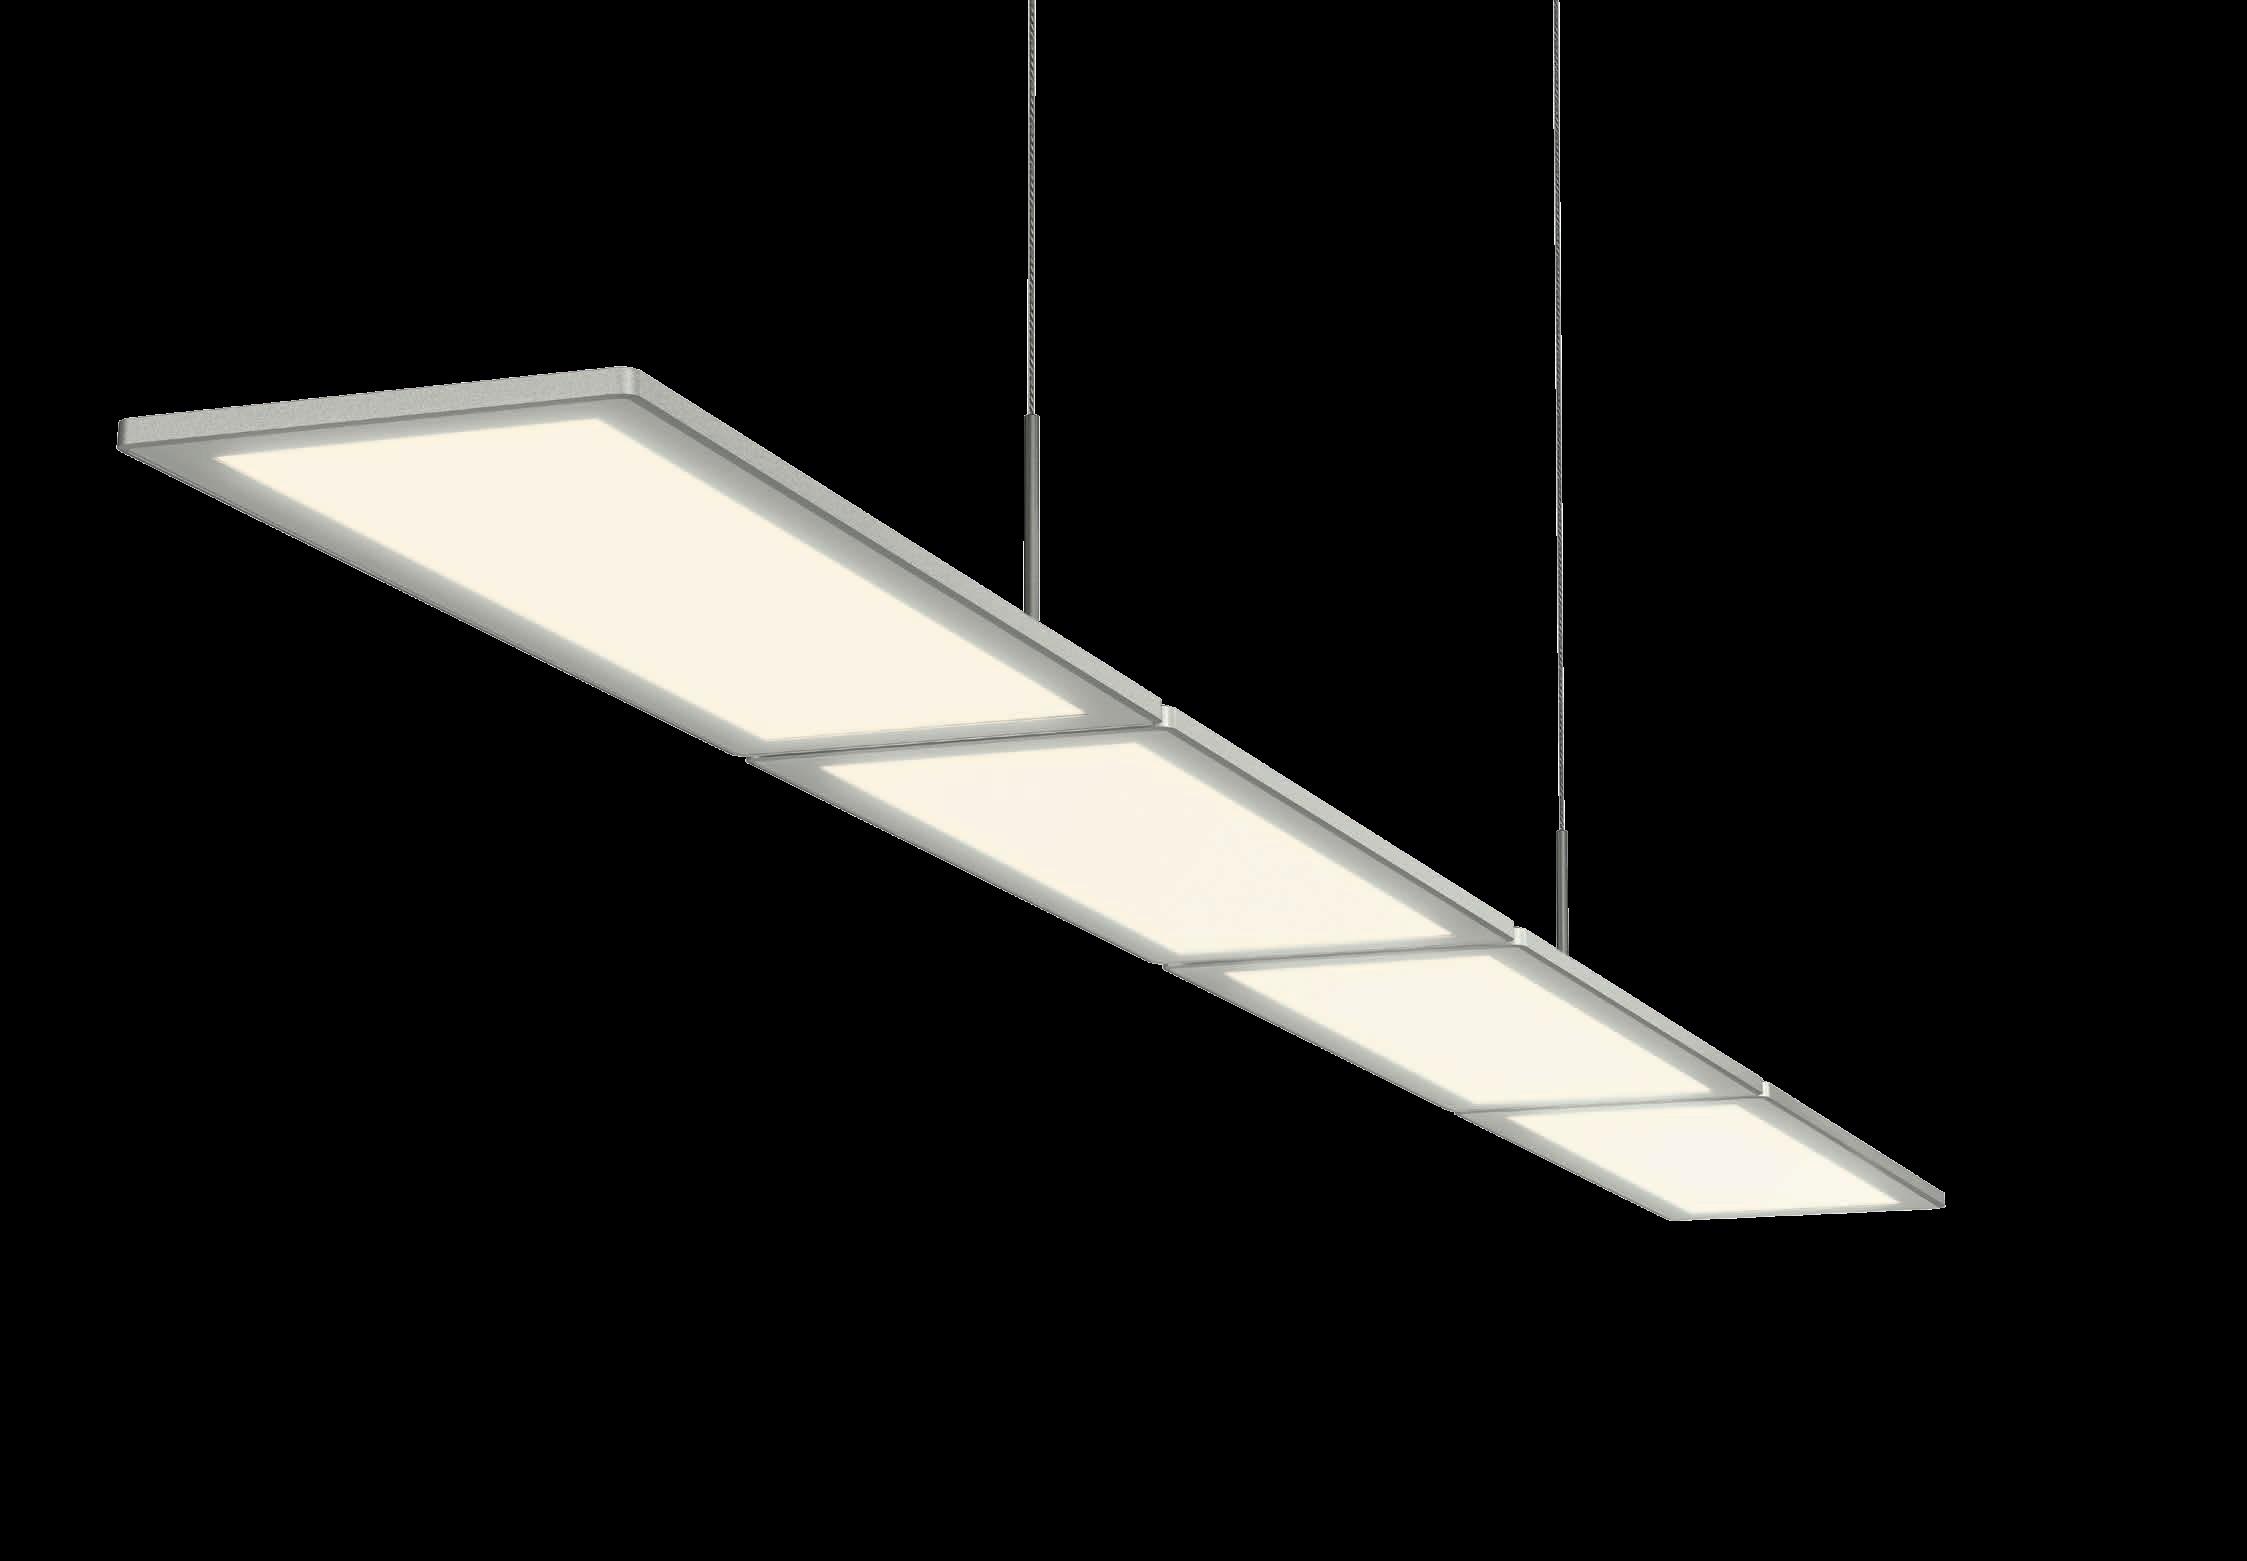 lampen shop licht shop licht online einkaufen licht leuchten beleuchtung wohnraumleuchten. Black Bedroom Furniture Sets. Home Design Ideas